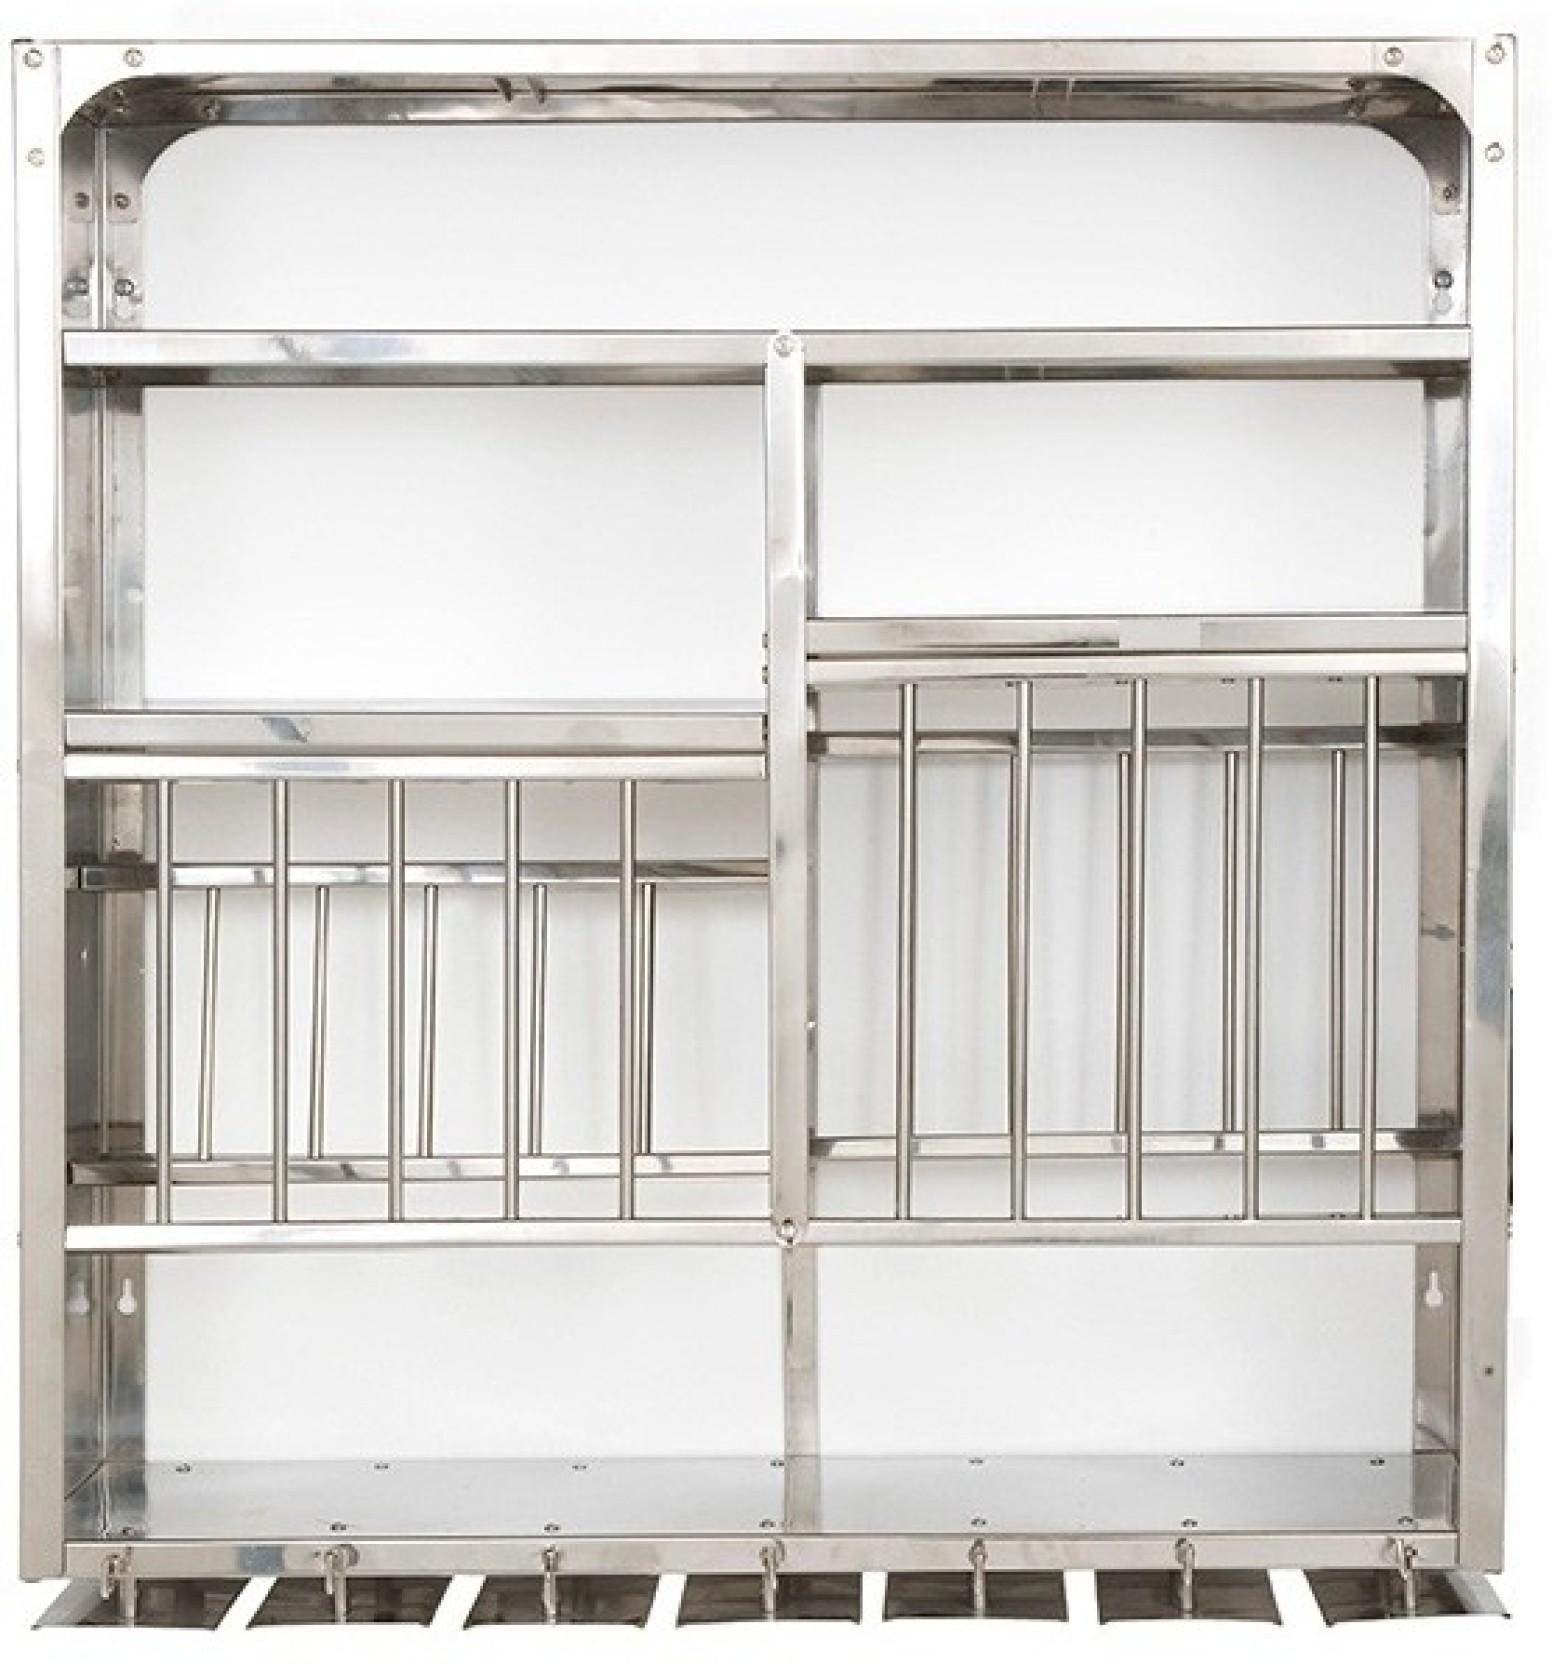 Kitchen Shelves With Hooks Uk